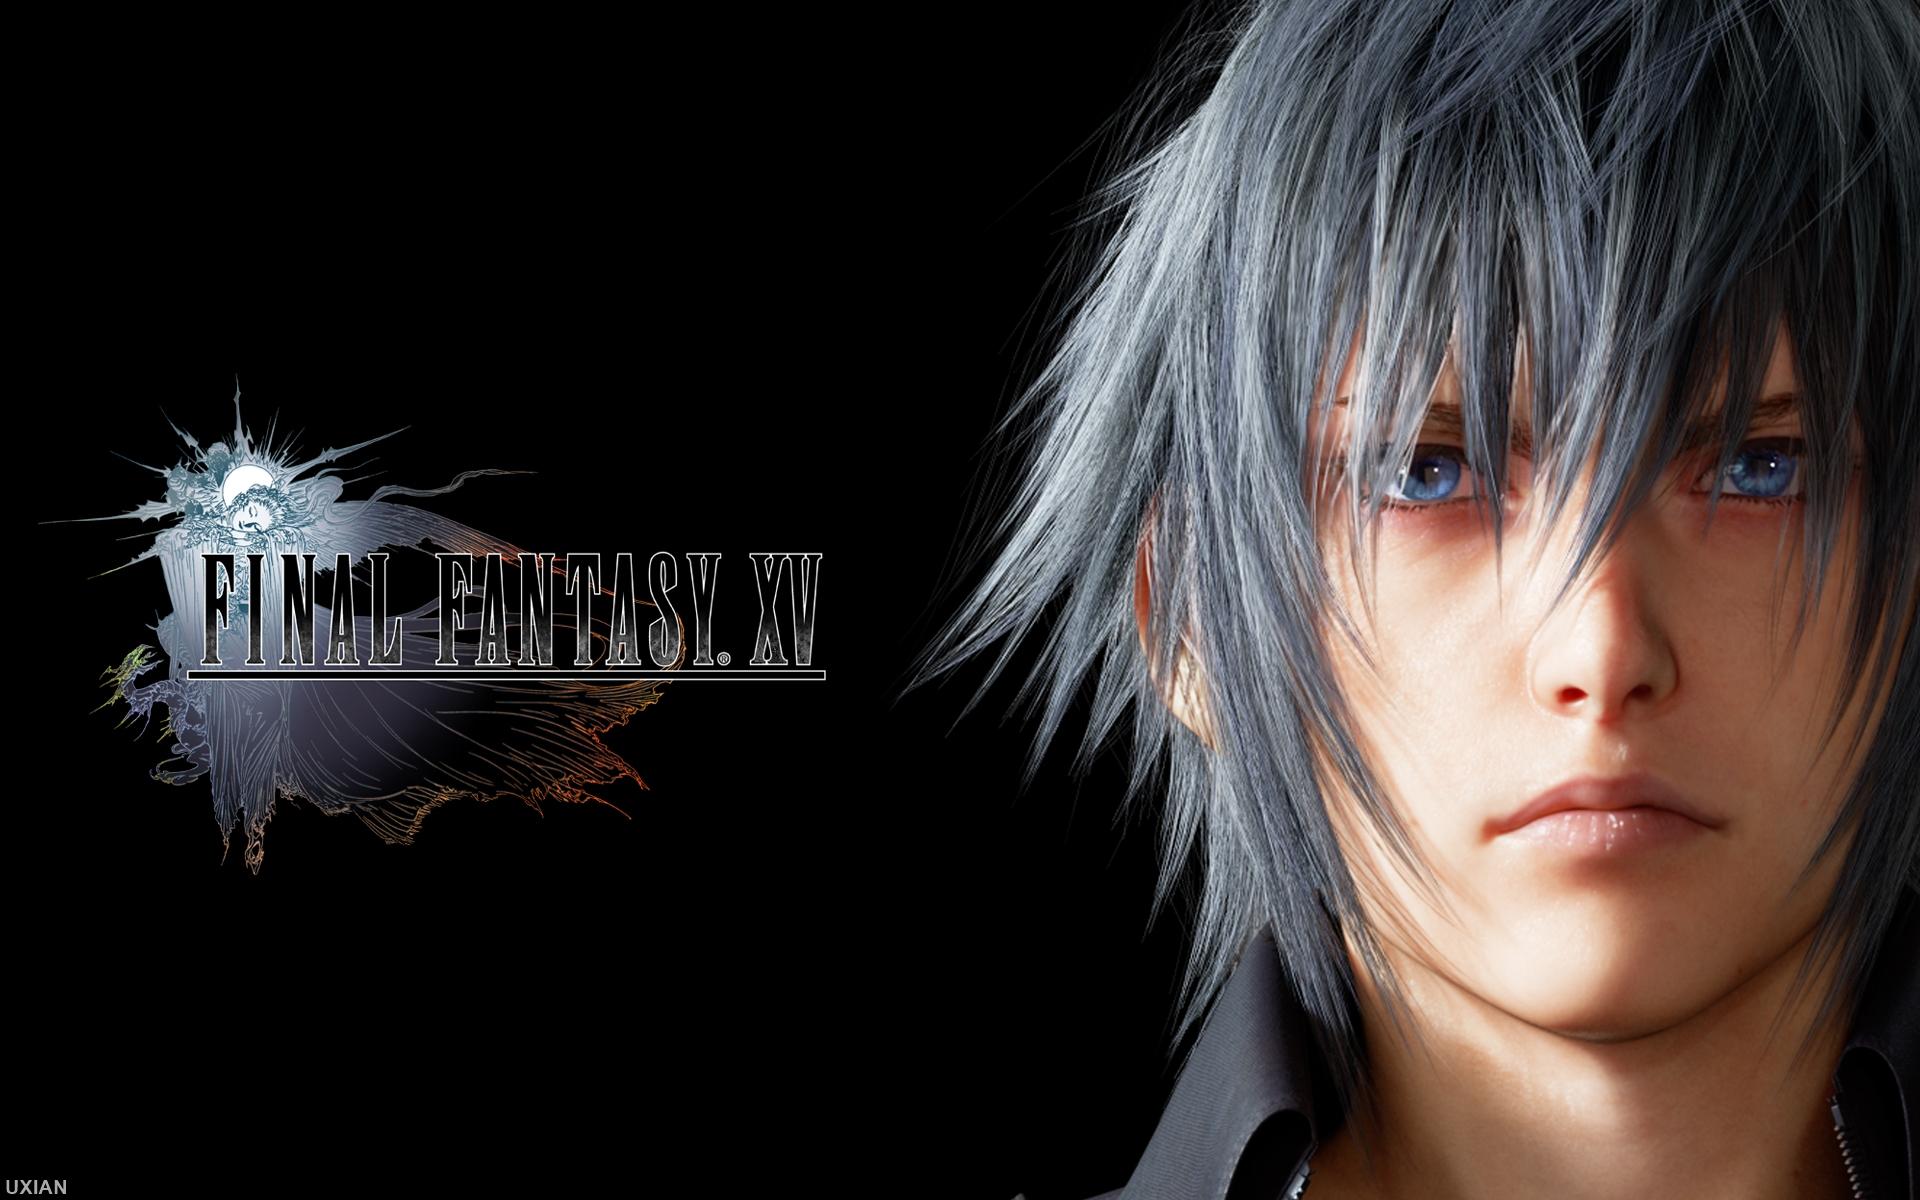 Final-Fantasy-XV-Wallpaper-HD - WASD